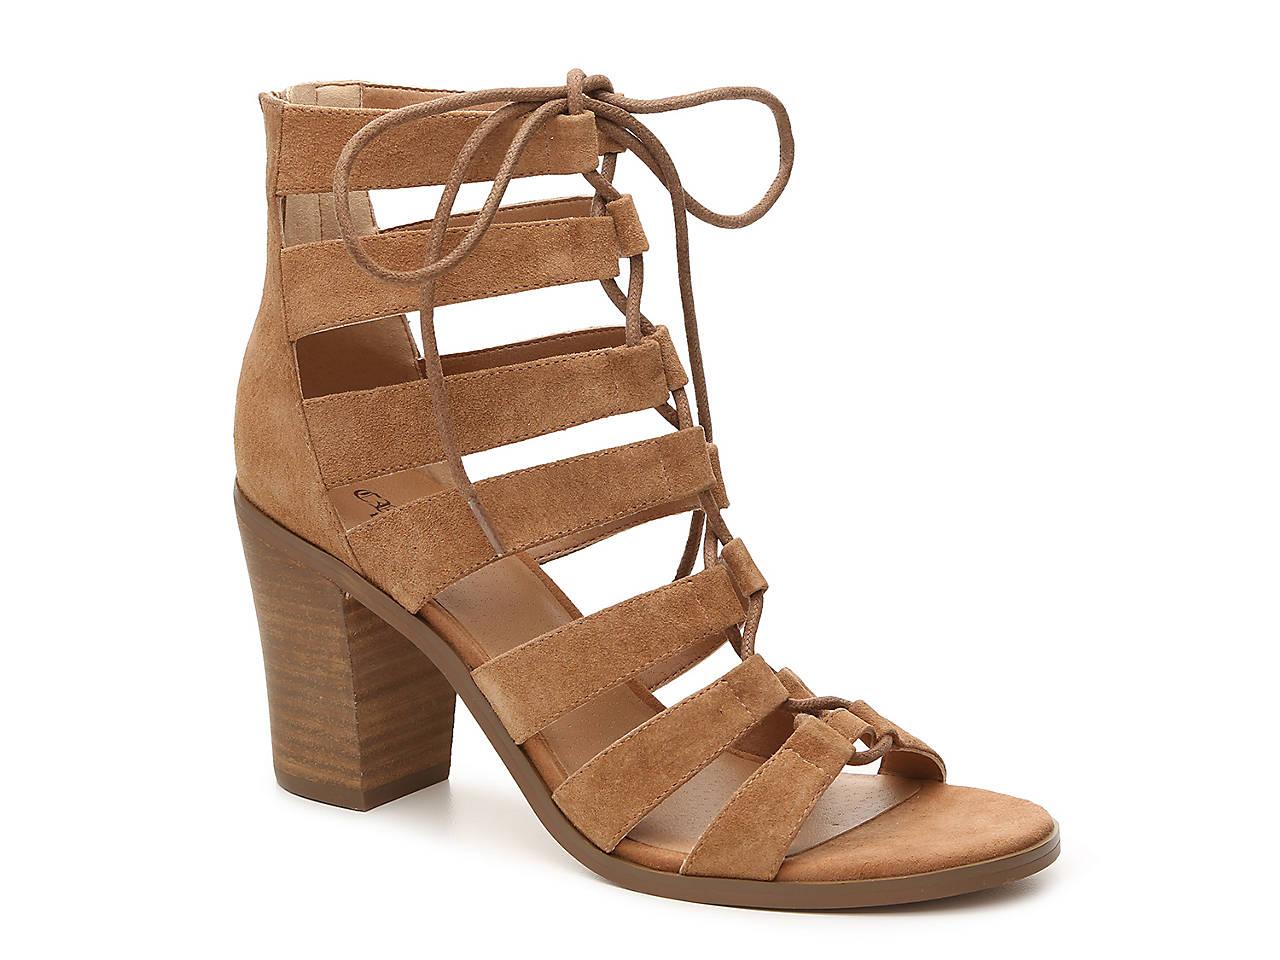 Womens sandals - Womens Sandals 13